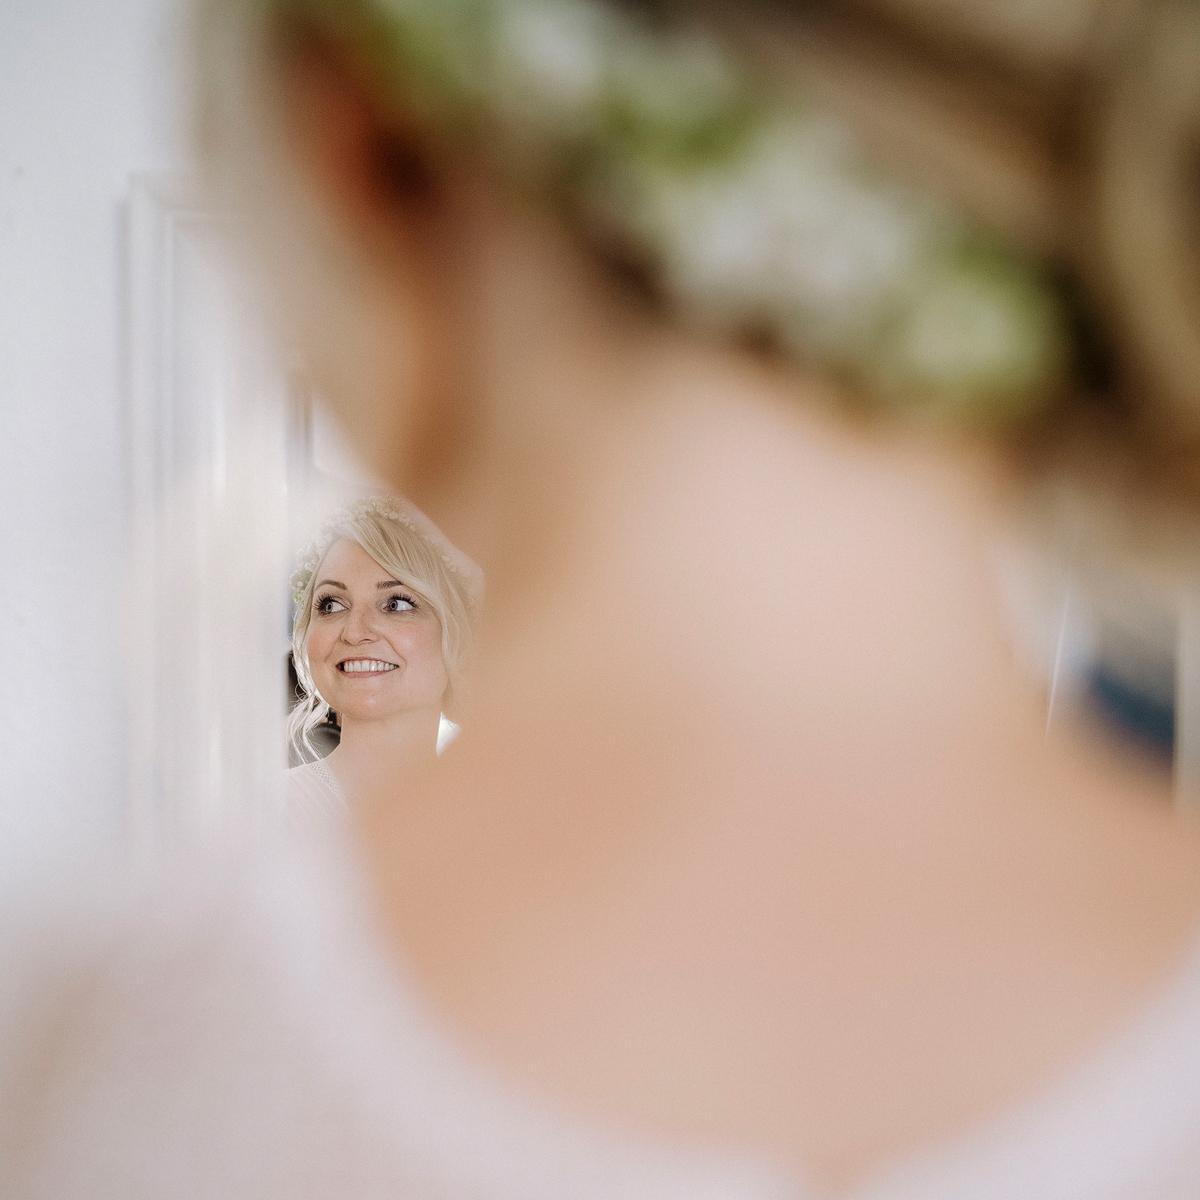 künstlerische Hochzeitsfotografie Berlin bei vintage Sommerhochzeit Fine Art Fotografie - urbane Hochzeitsfotos im Restaurant Sonnendeck Hochzeitslocation am Wasser Hochzeitsfotograf Berlin © www.hochzeitslicht.de